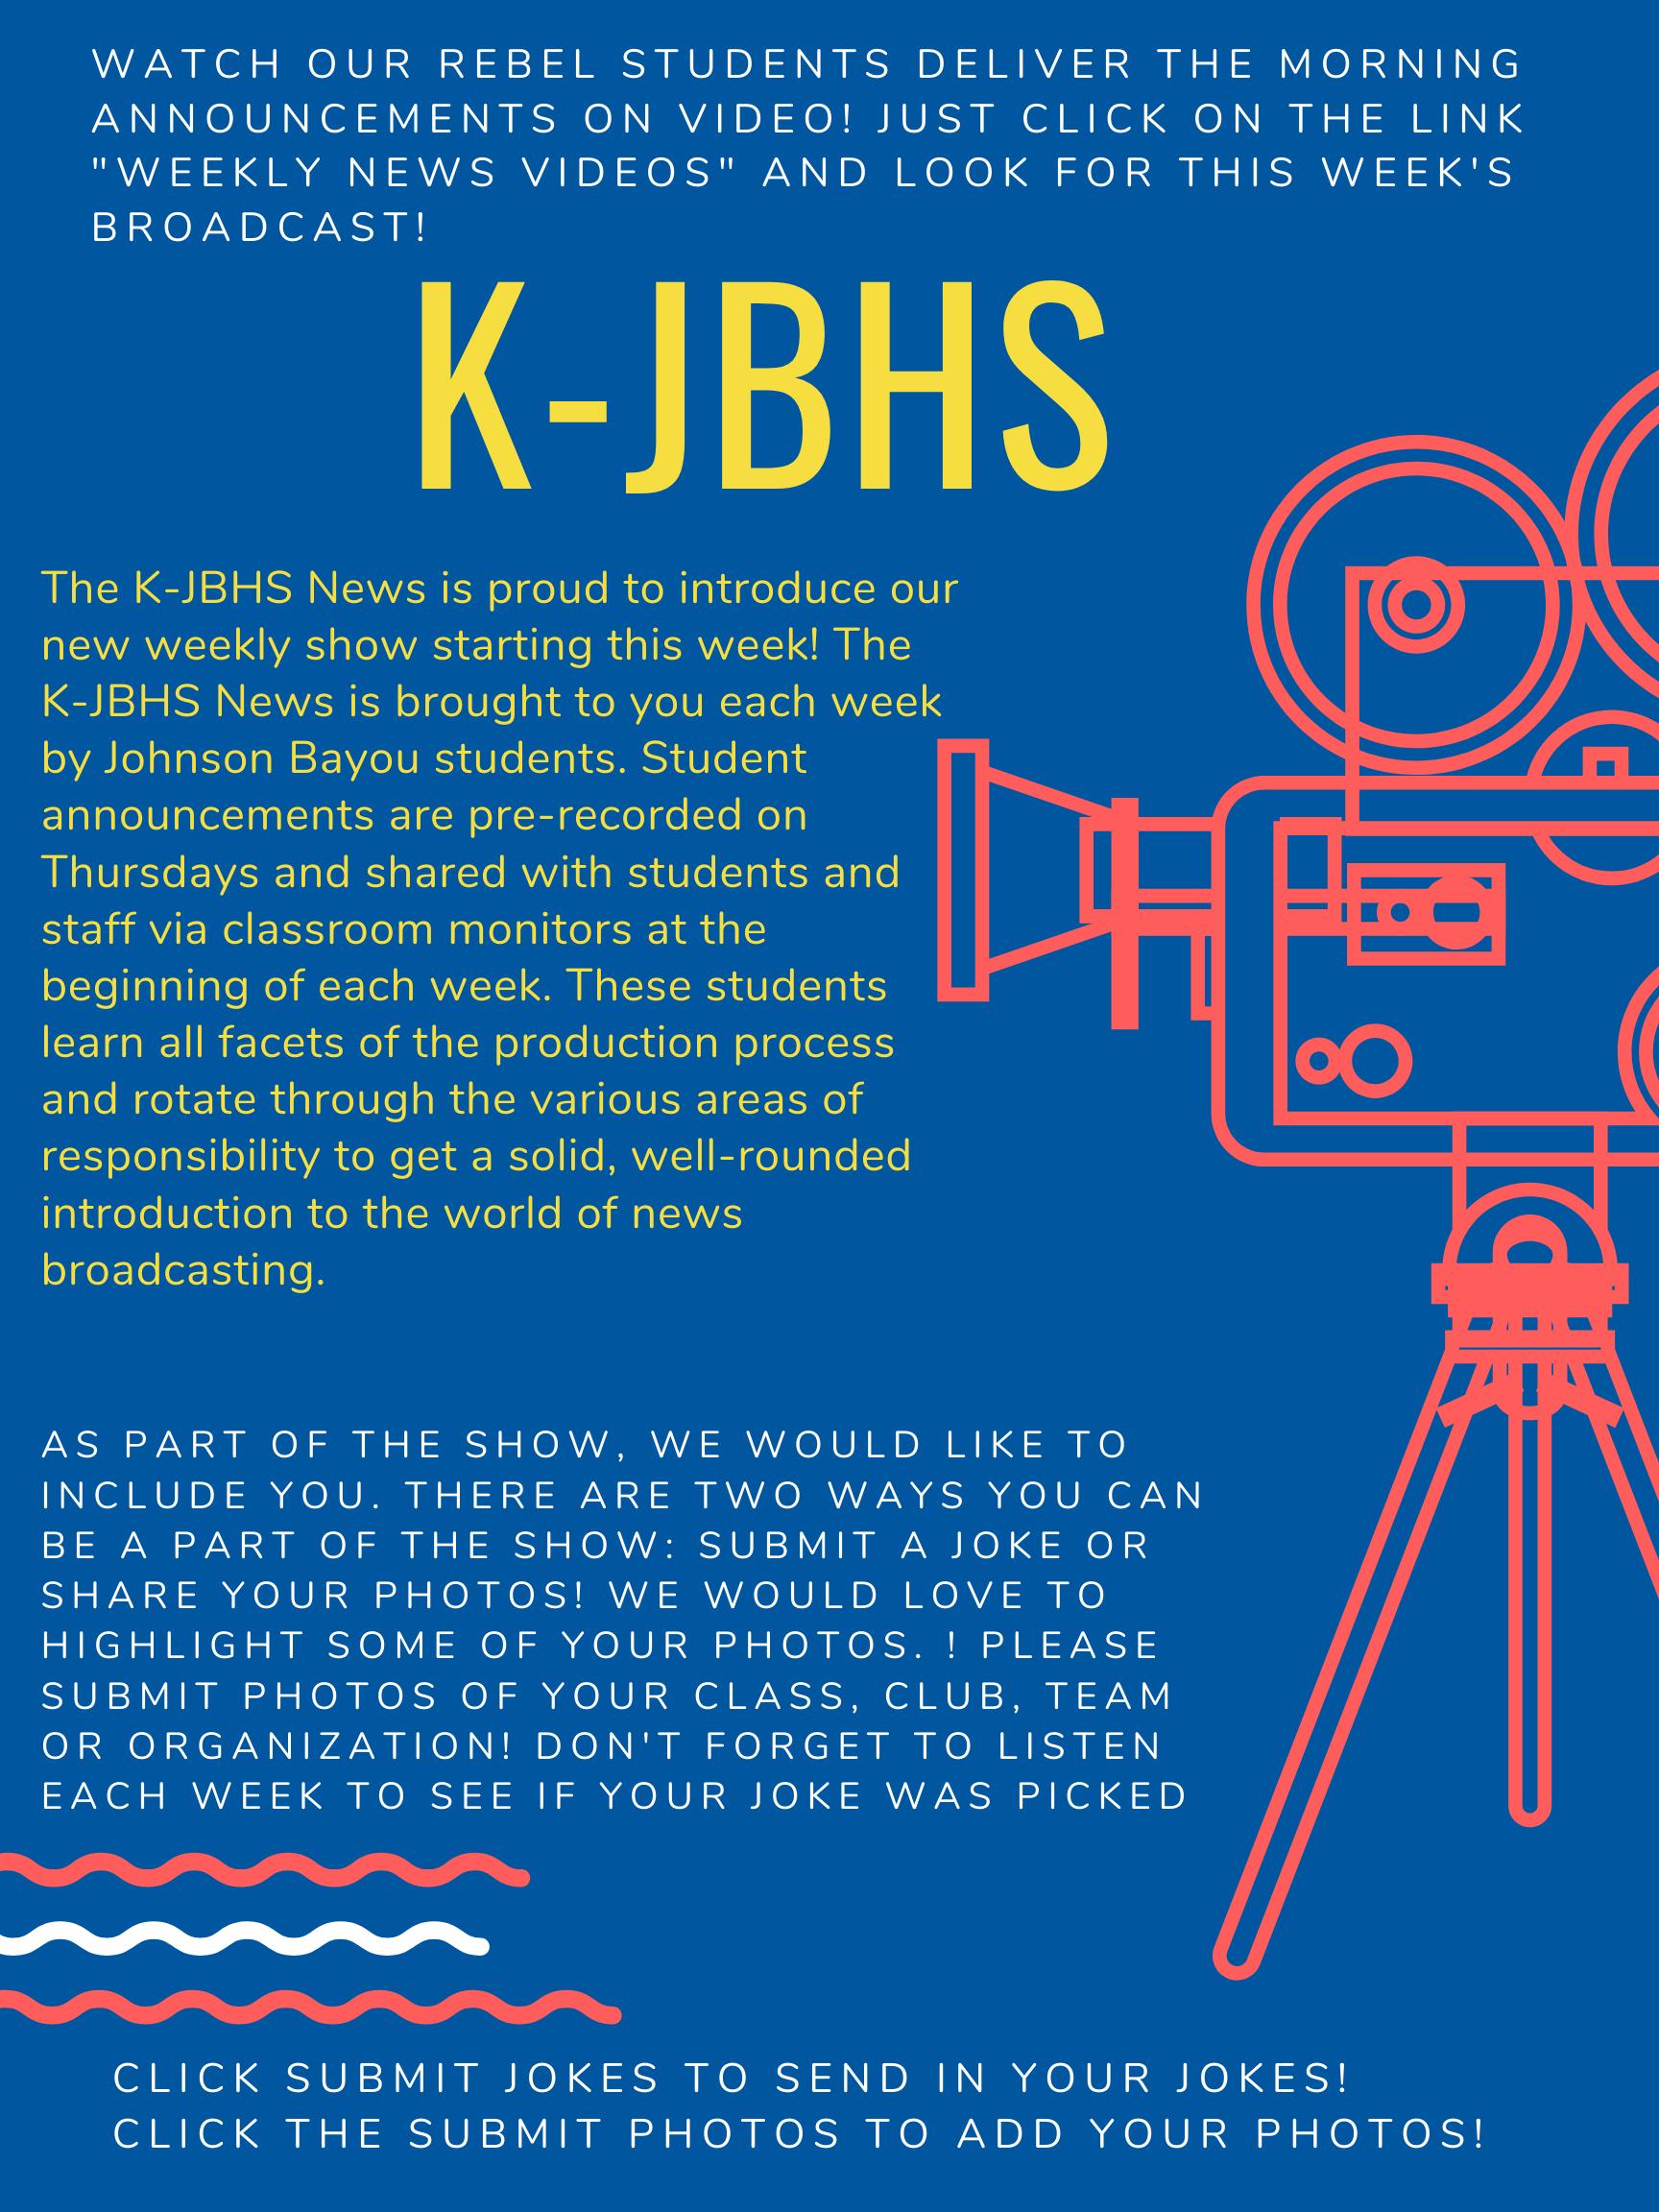 K-JBHS